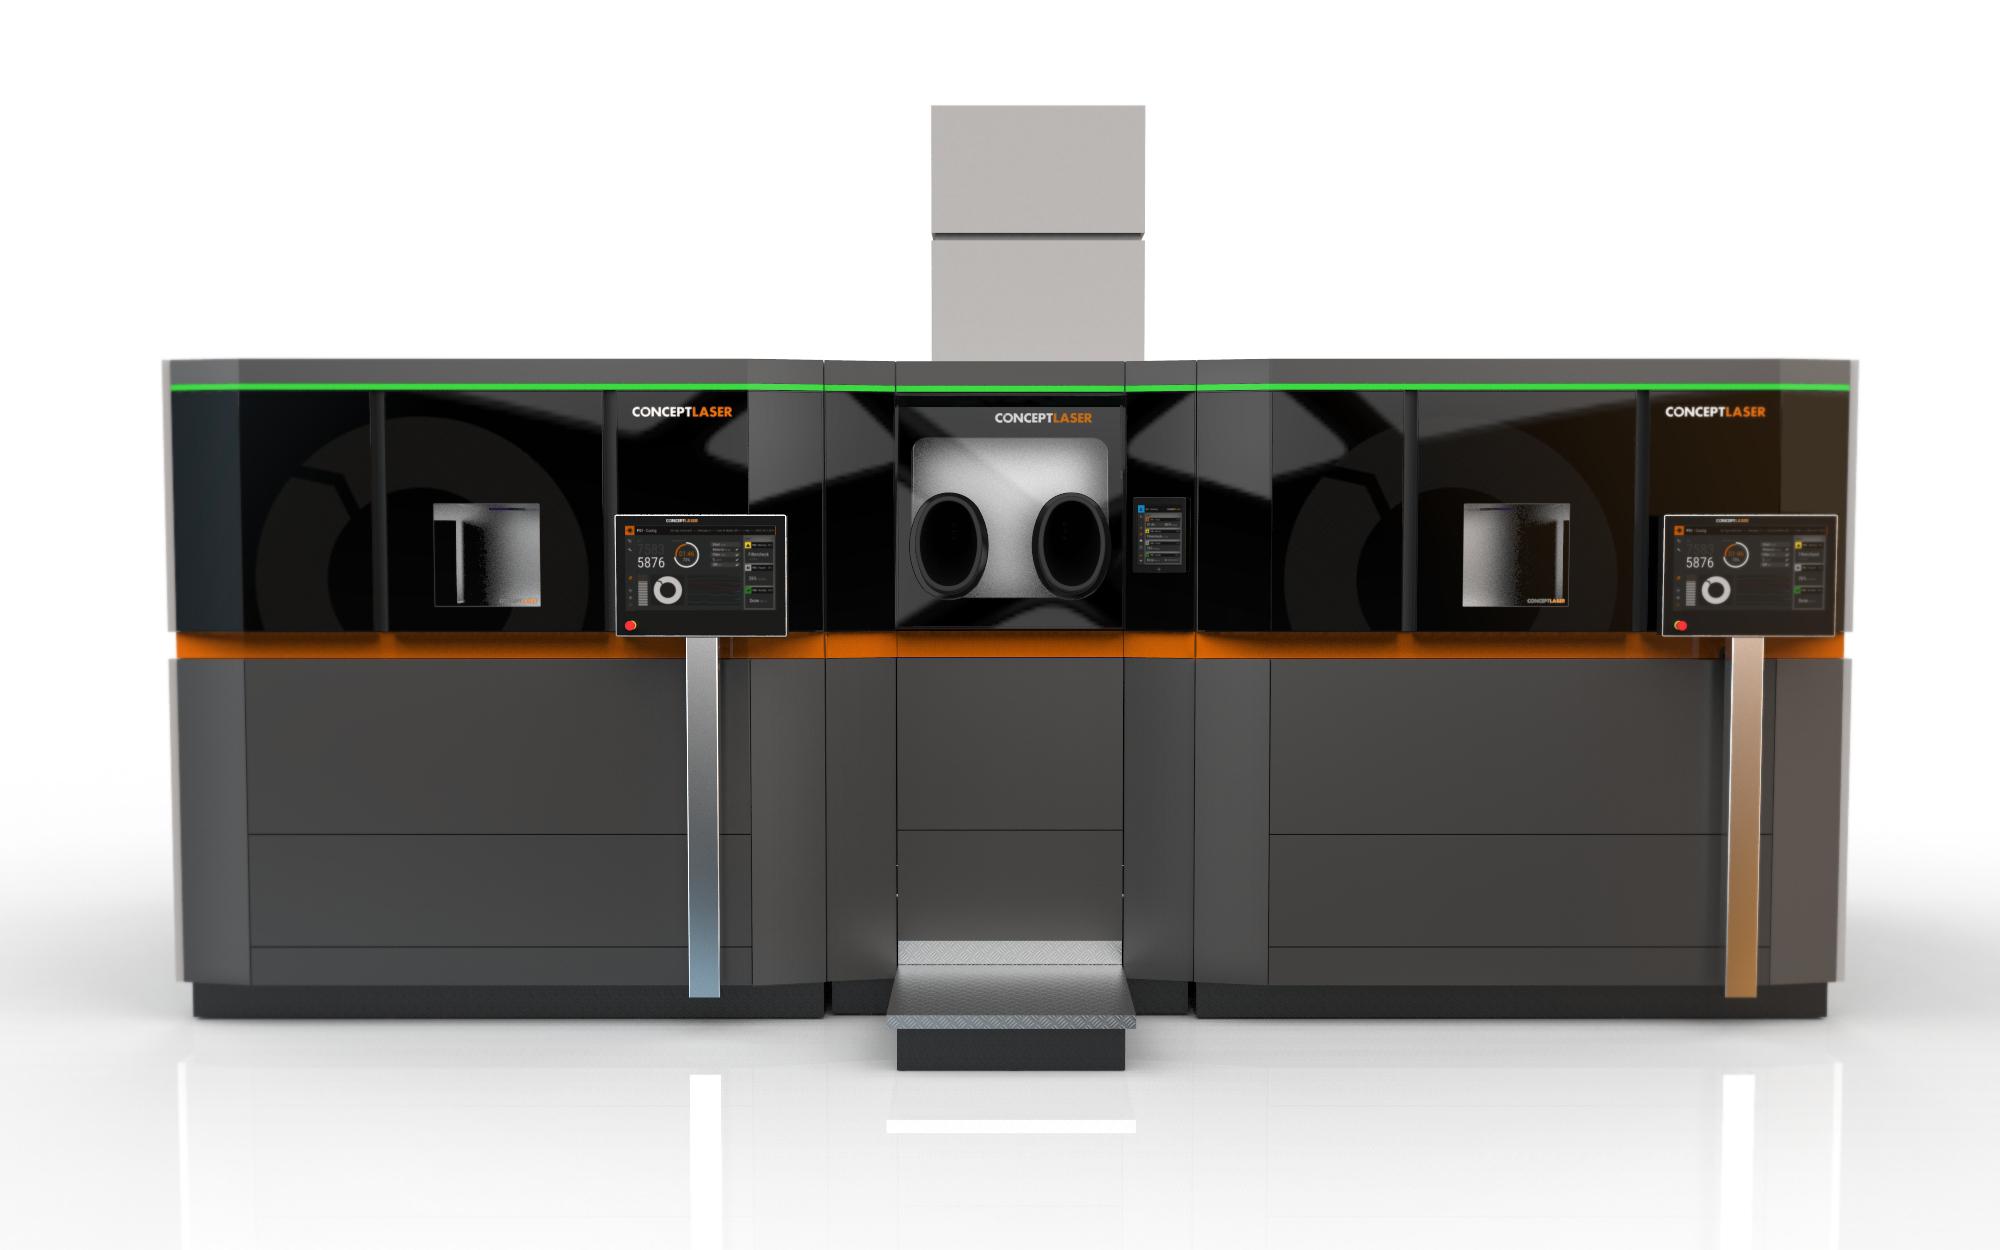 Option zur Kombination einer Handling-Station mit zwei Prozess-Stationen, Bild: Concept Laser